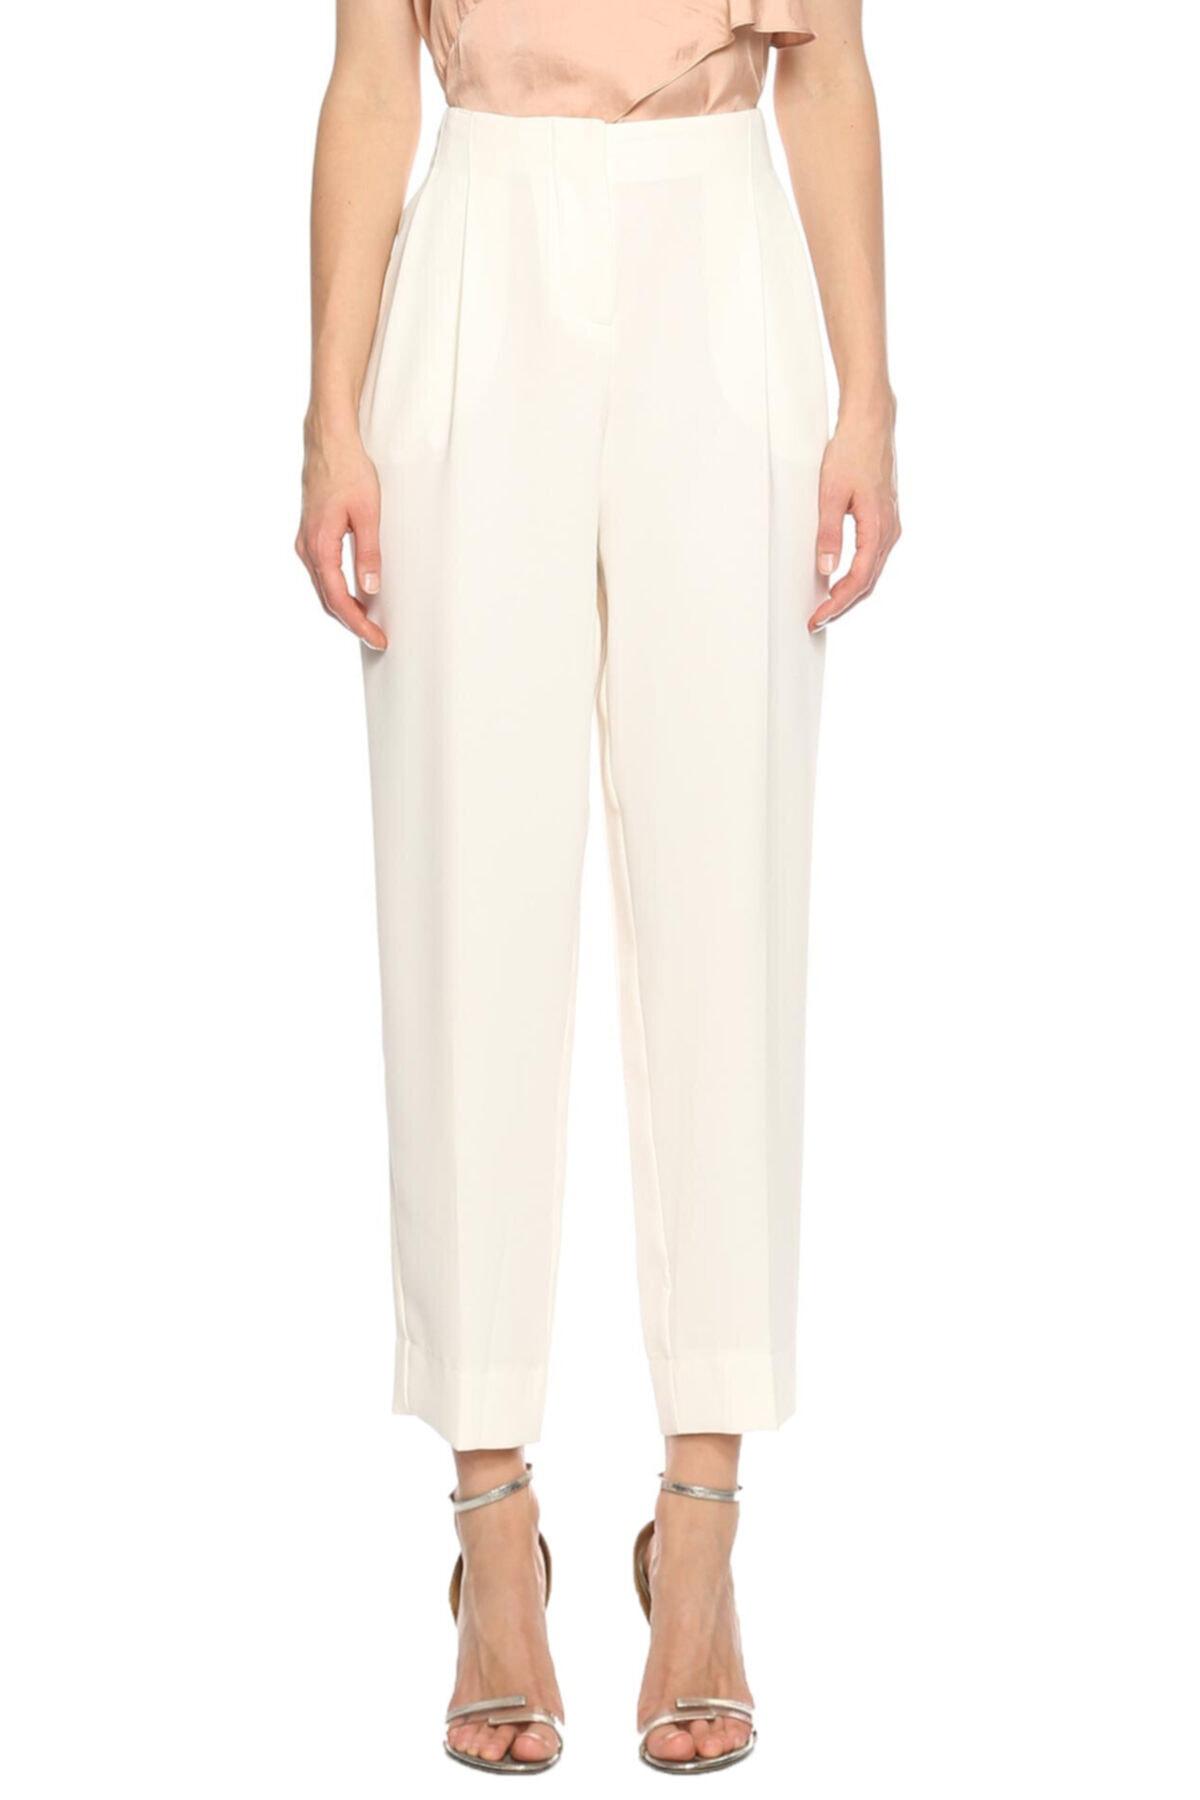 PHILOSOPHY FERRETTI Kadın Beyaz Klasik Pantolon 1